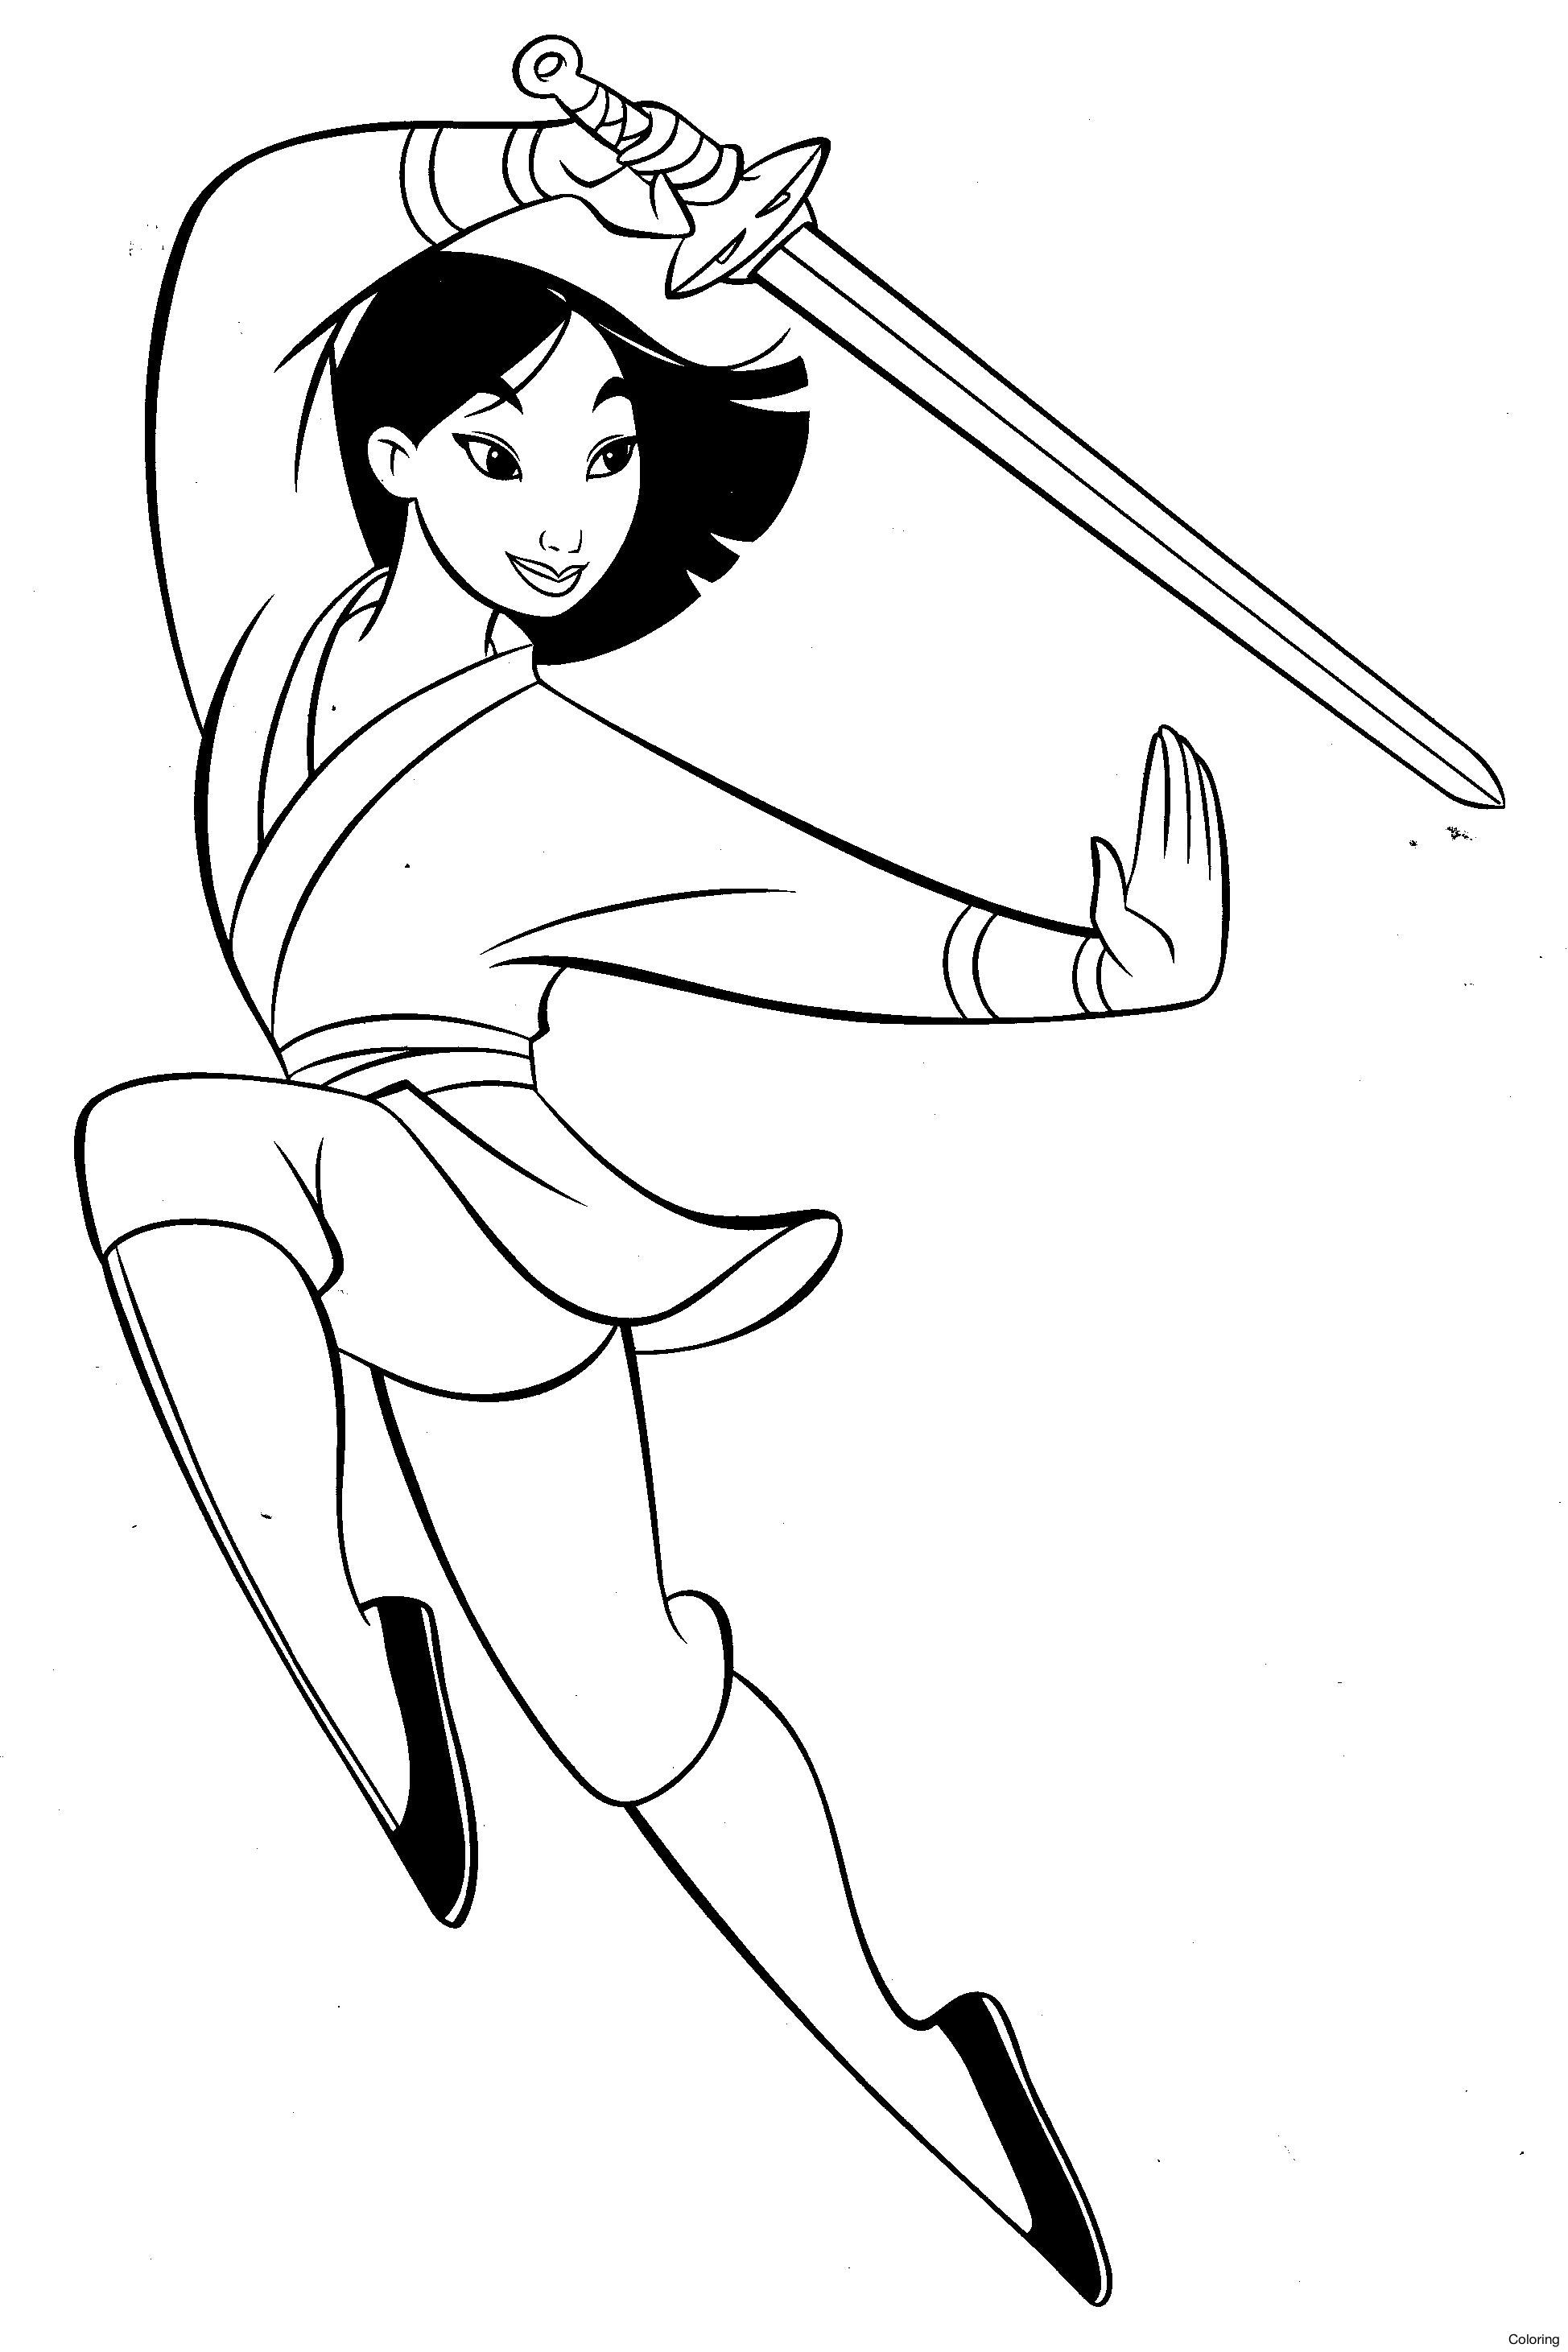 Mulan Drawing at GetDrawings.com | Free for personal use Mulan ...